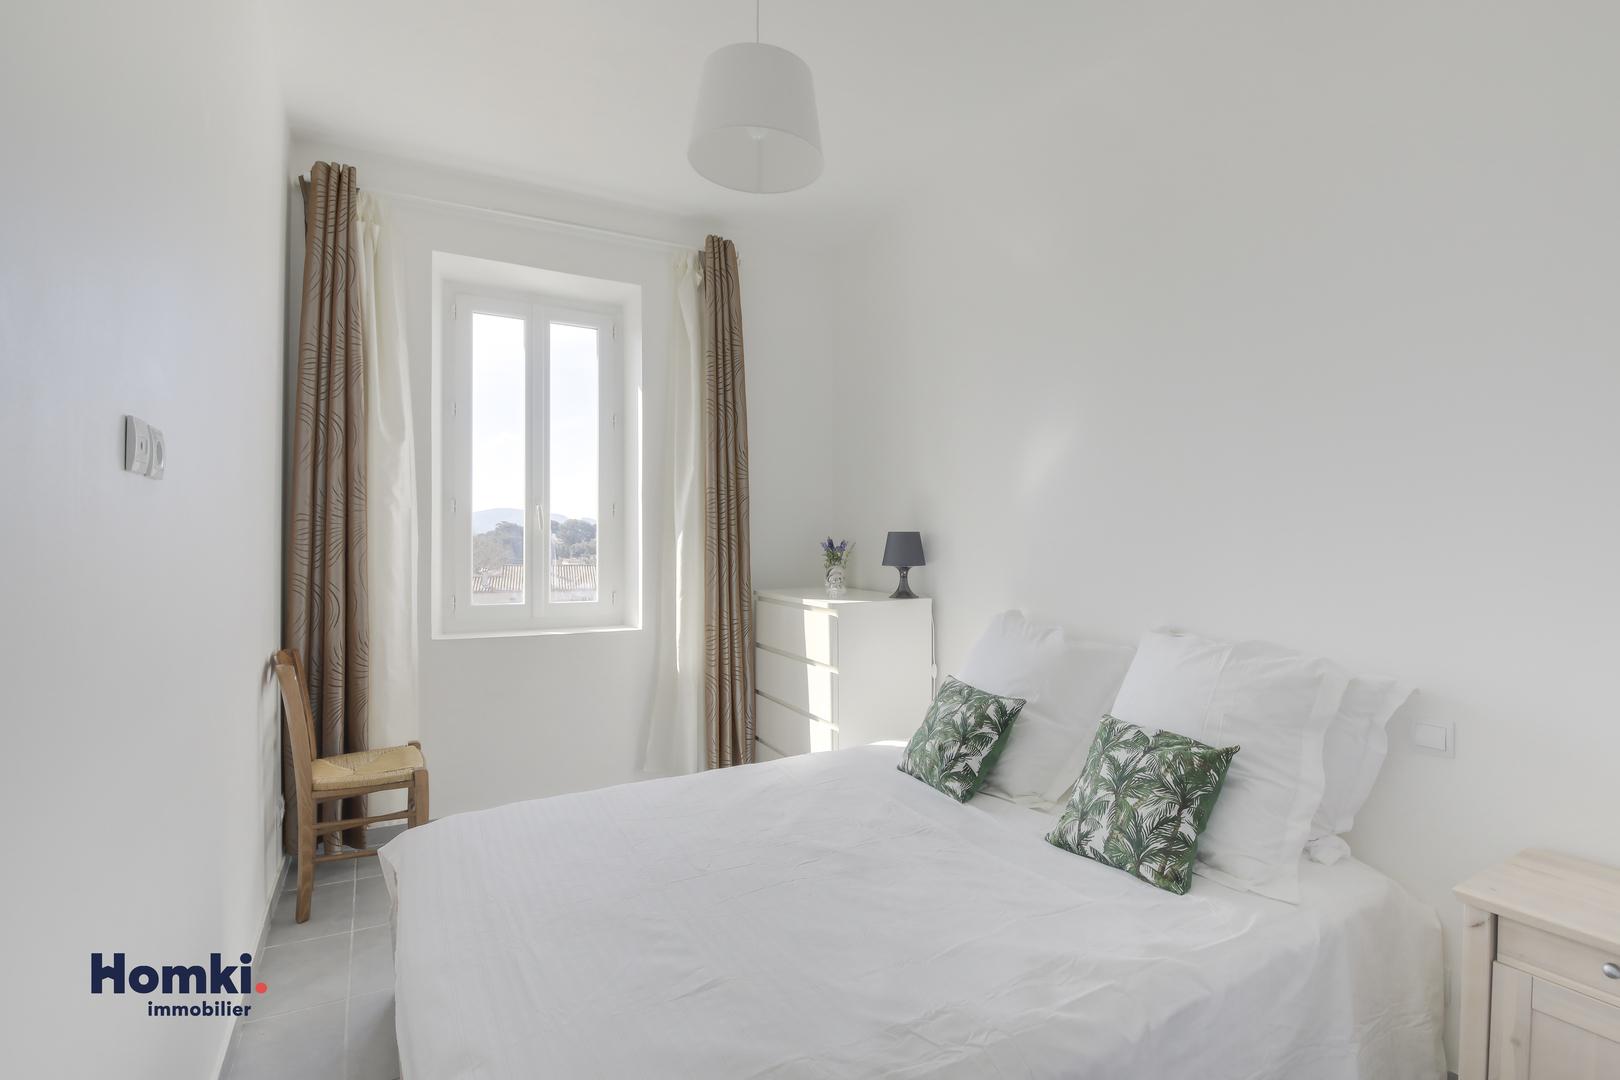 Vente Maison 65 m² T3 13013_6